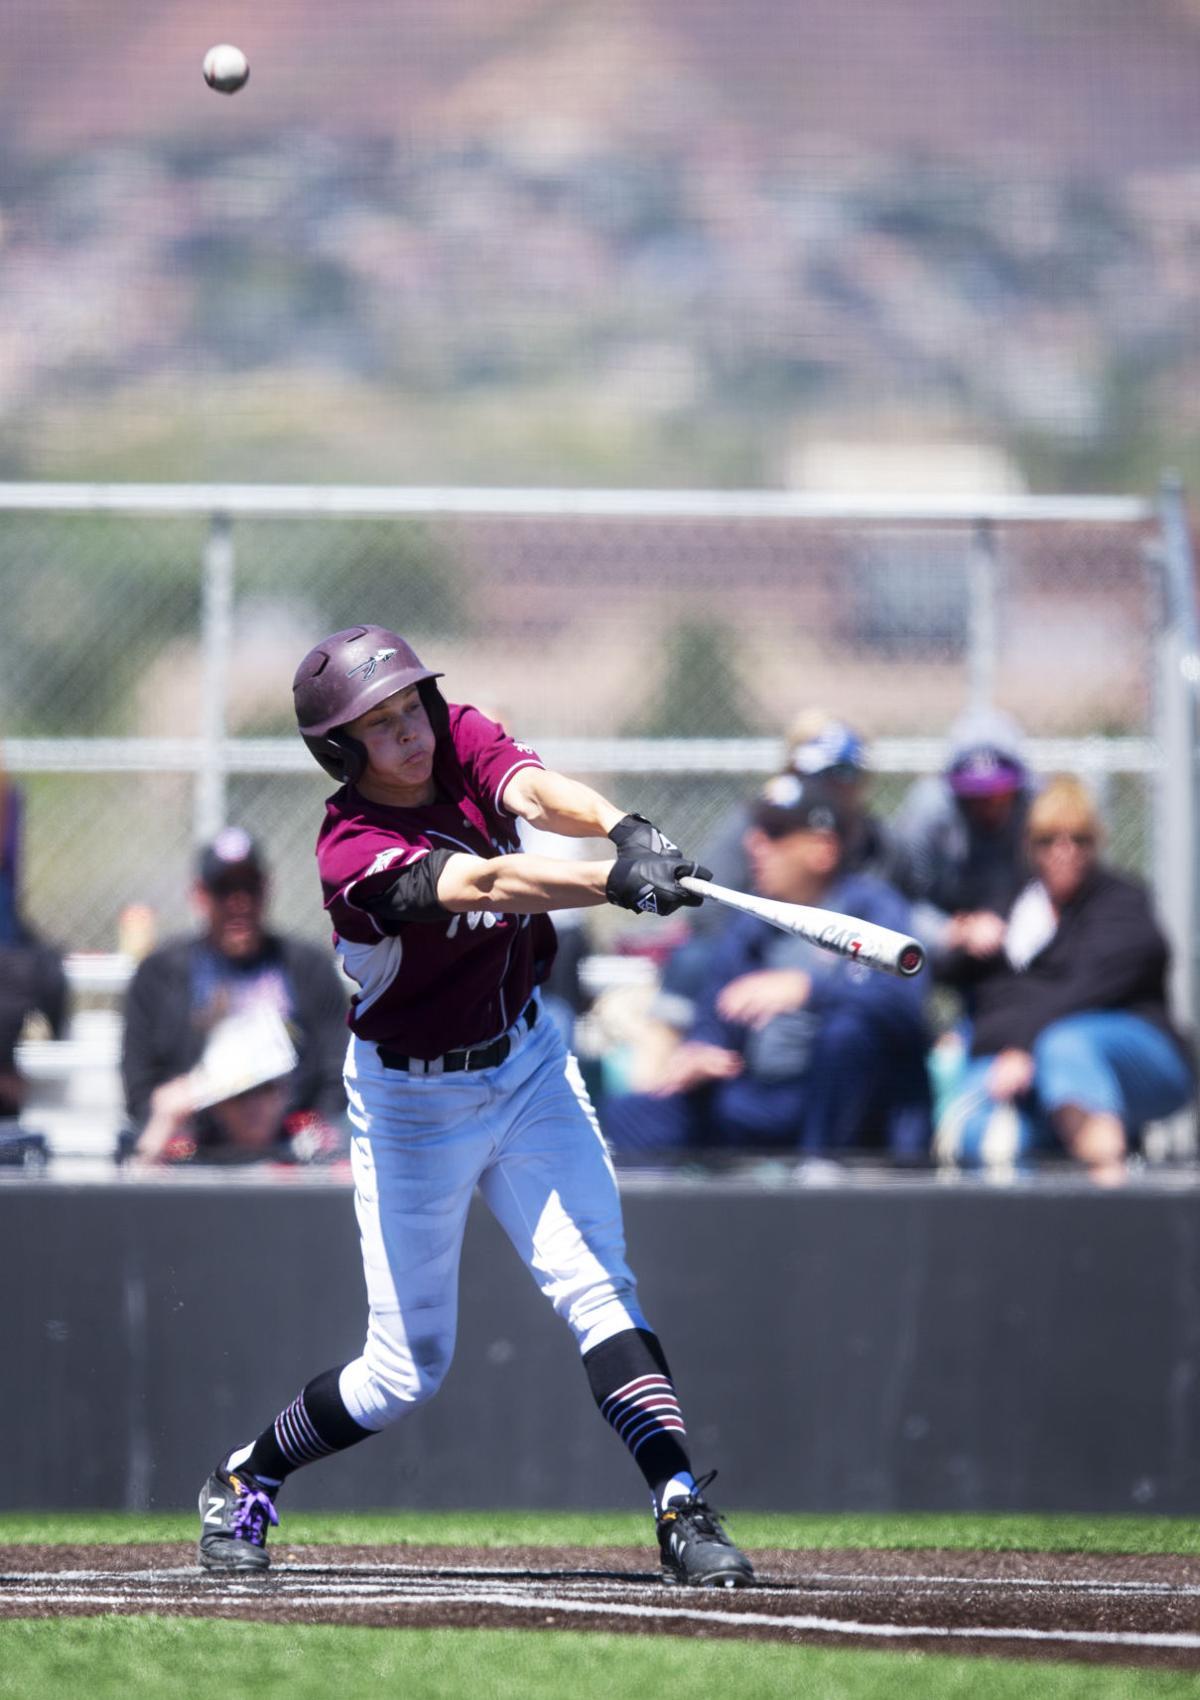 052419-sport-Cheyenne-Mountain-Baseball 2.JPG